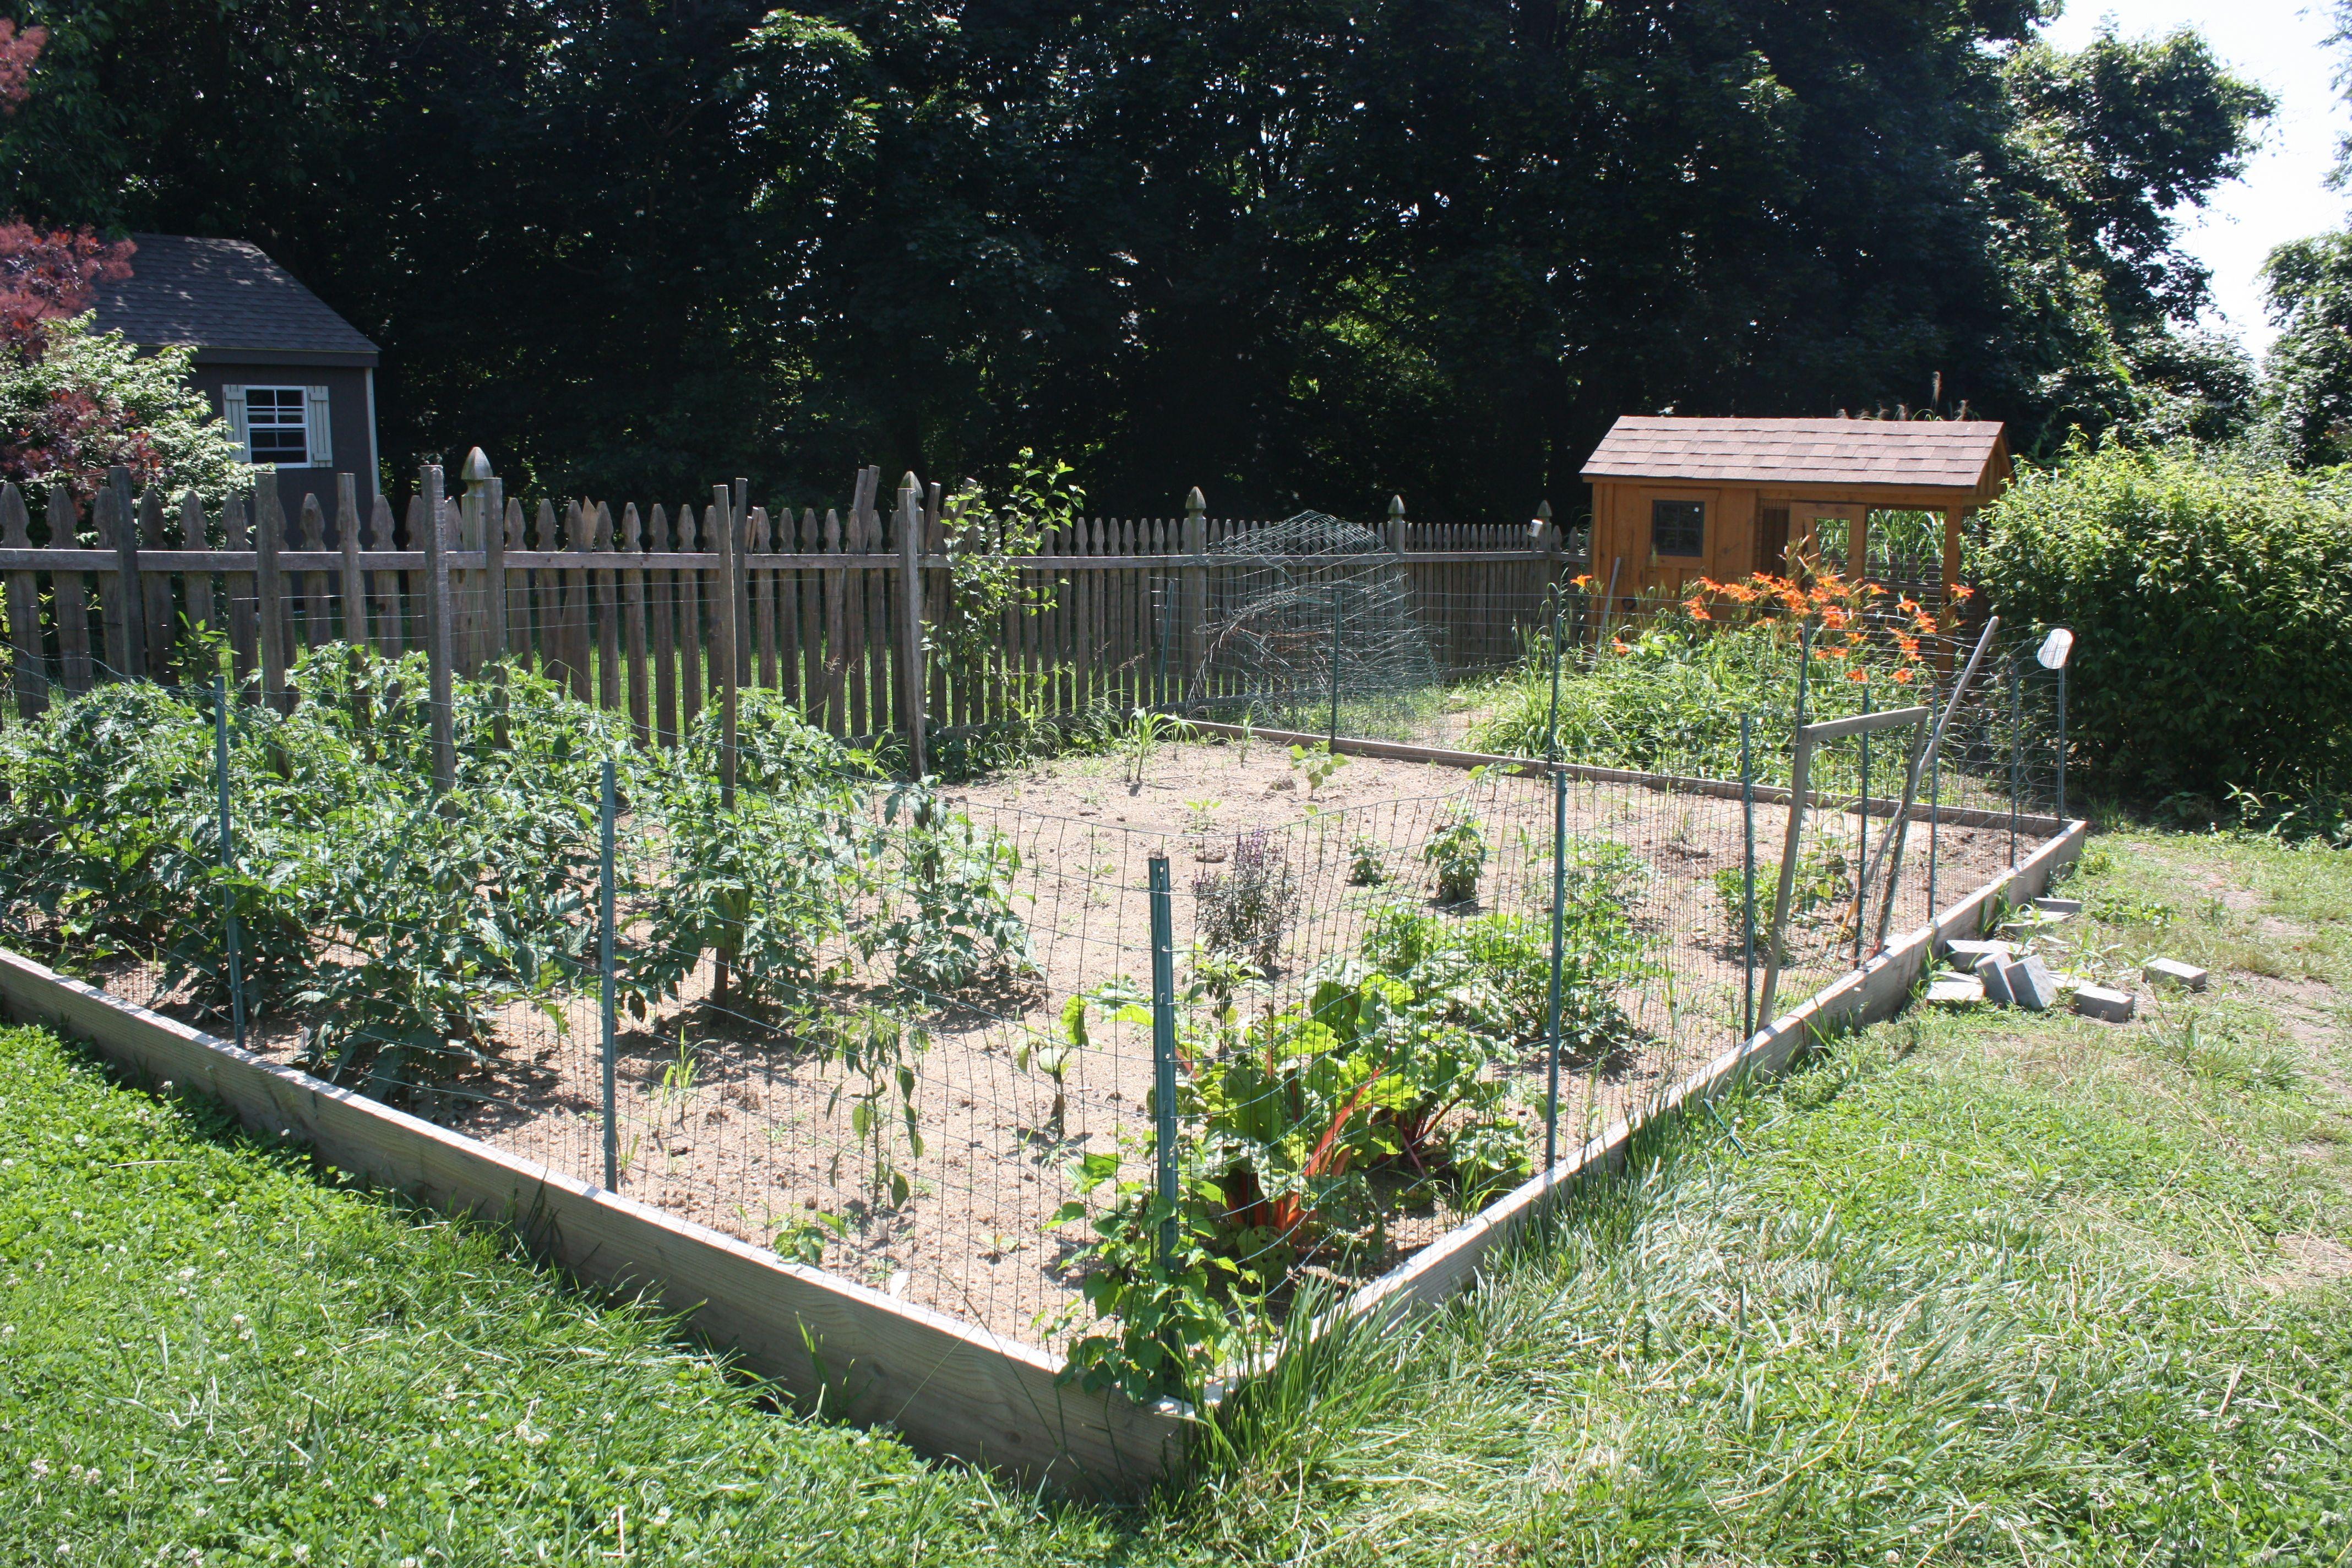 Merveilleux Vegetable Garden Fence Chicken Wire Photo   1